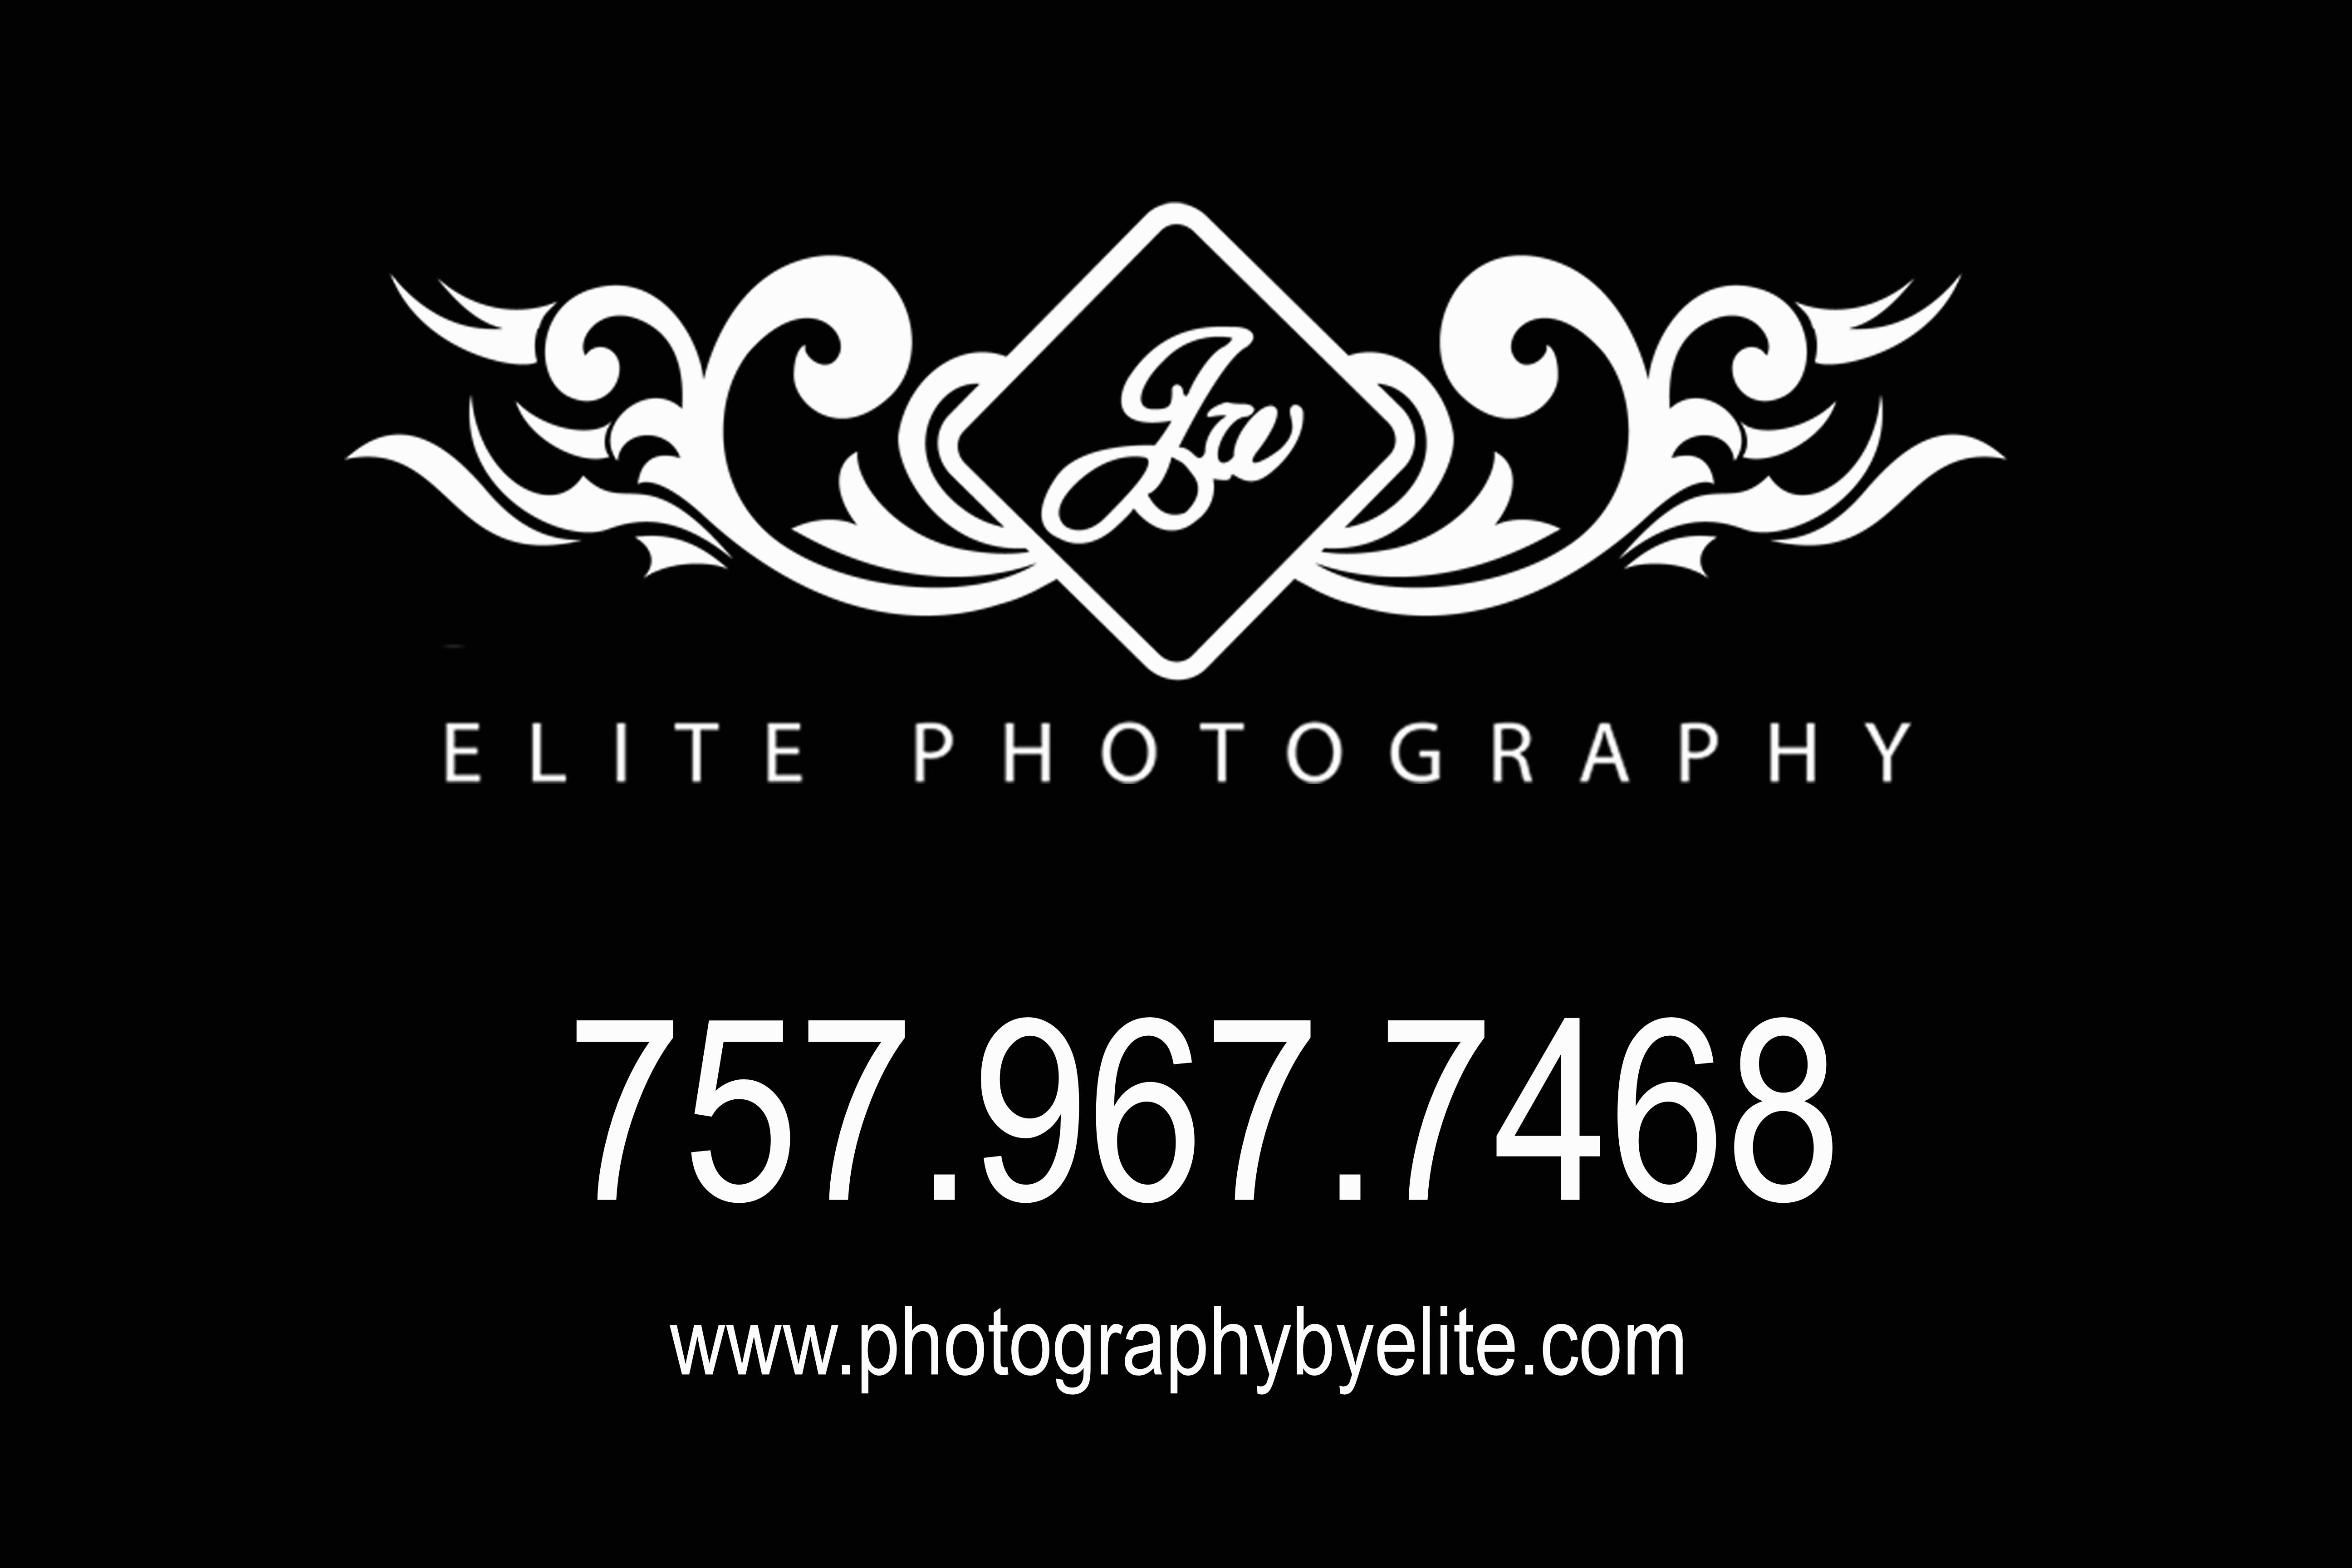 elitephotography